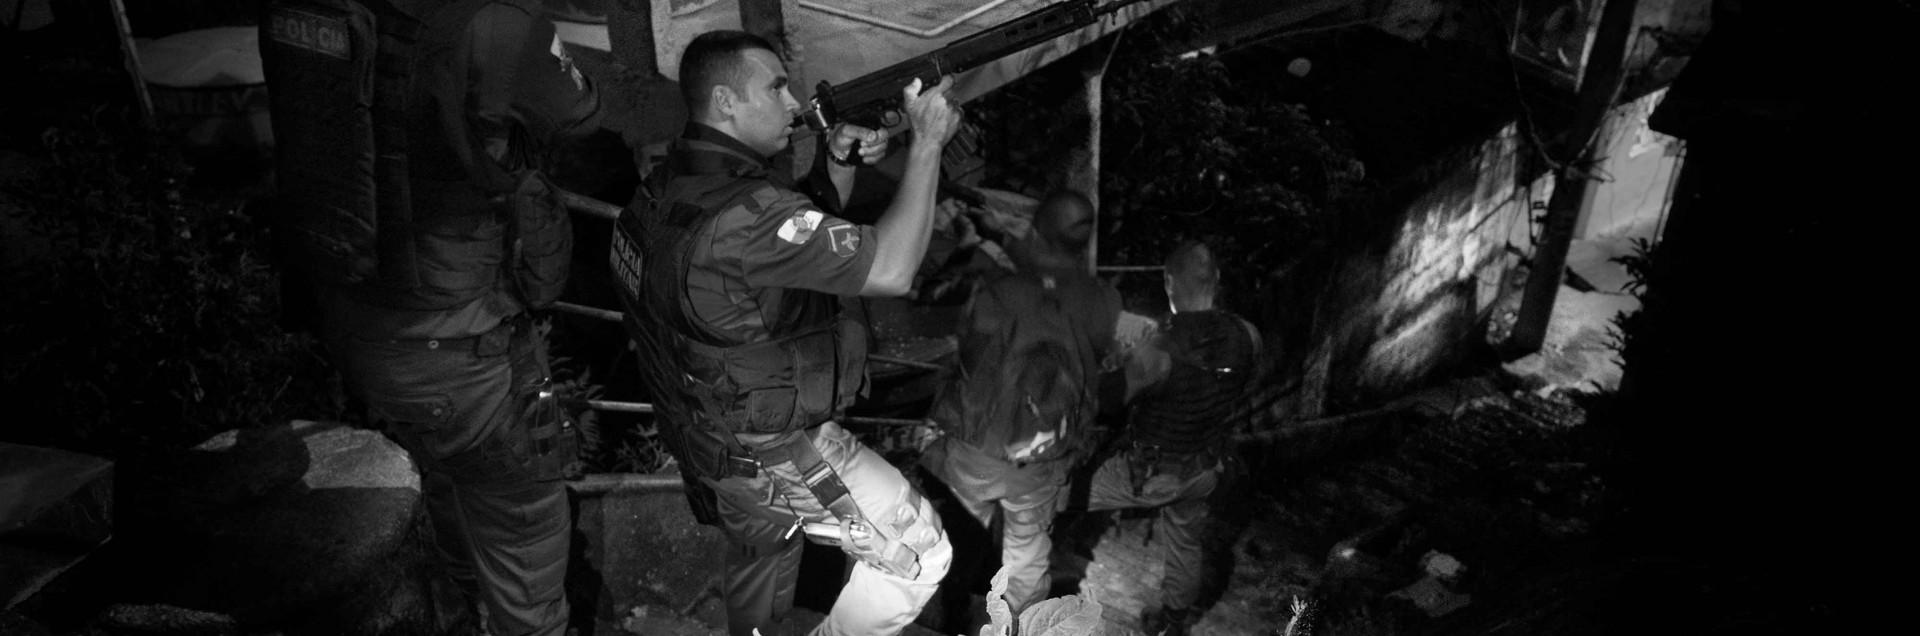 Nelle favelas è tolleranza zero